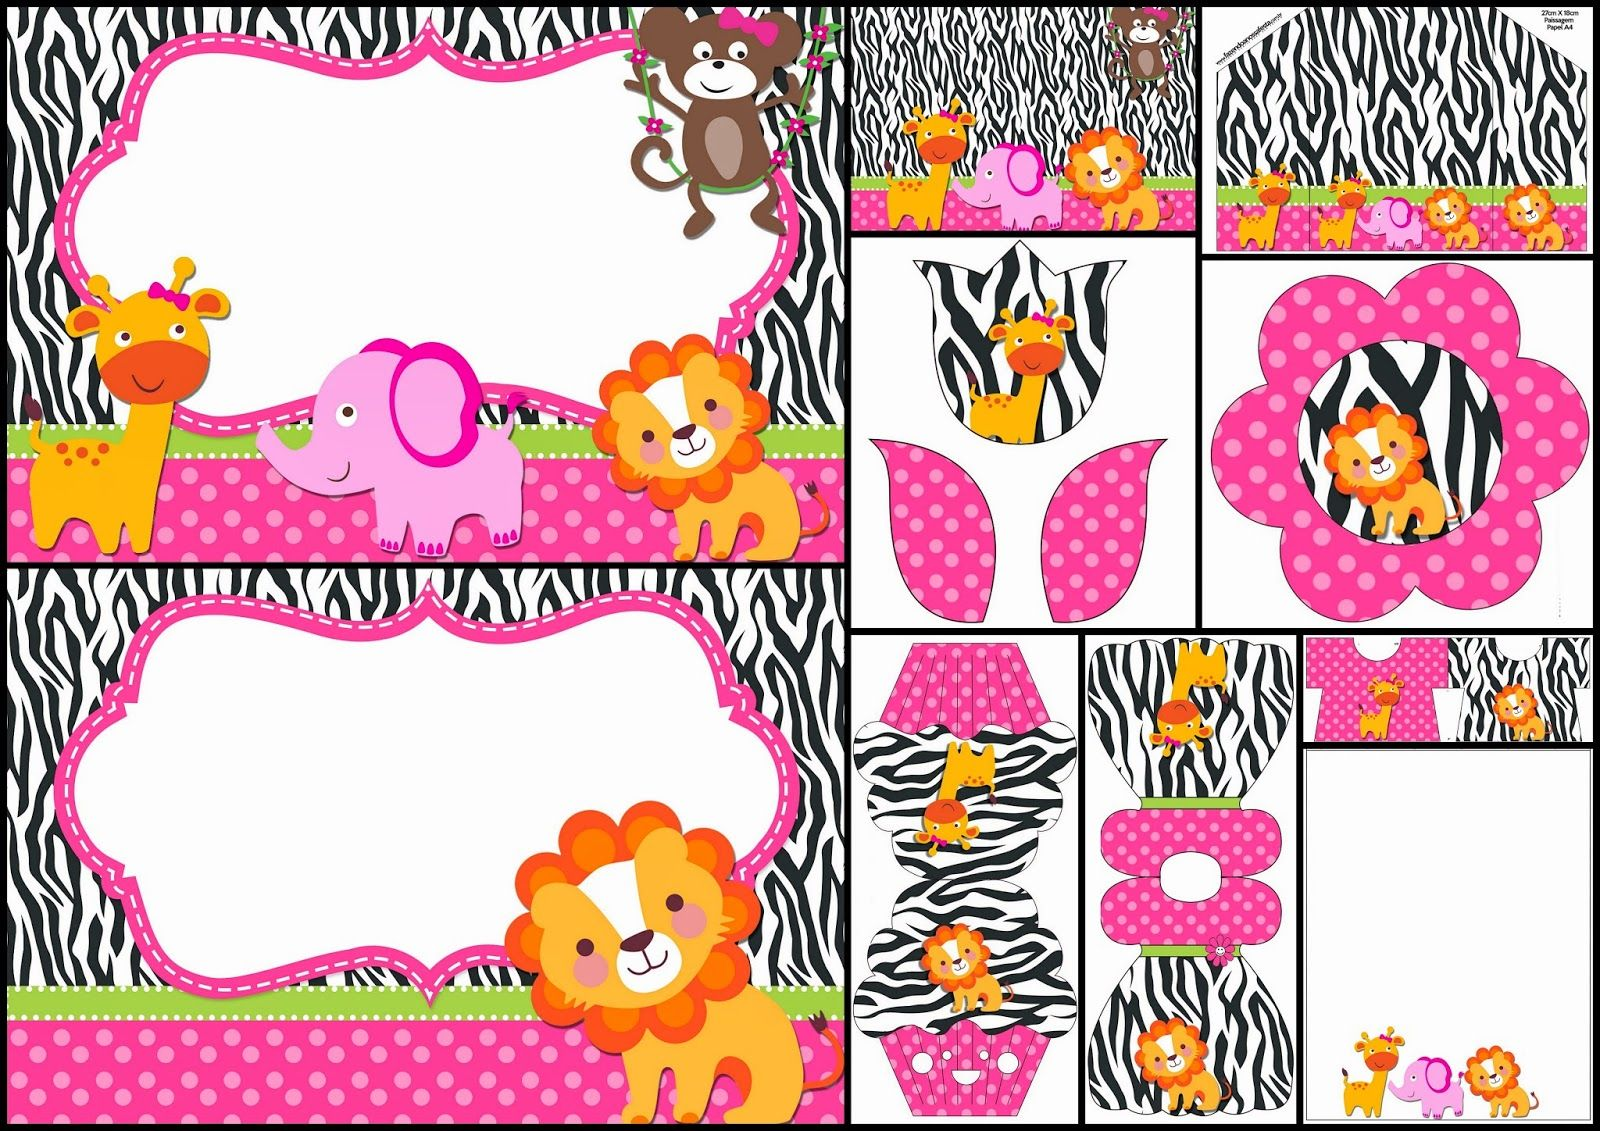 Bingo Show Dia De La Madre Viernes 11 De Mayo: The Jungle For Girls: Free Printable Invitations.